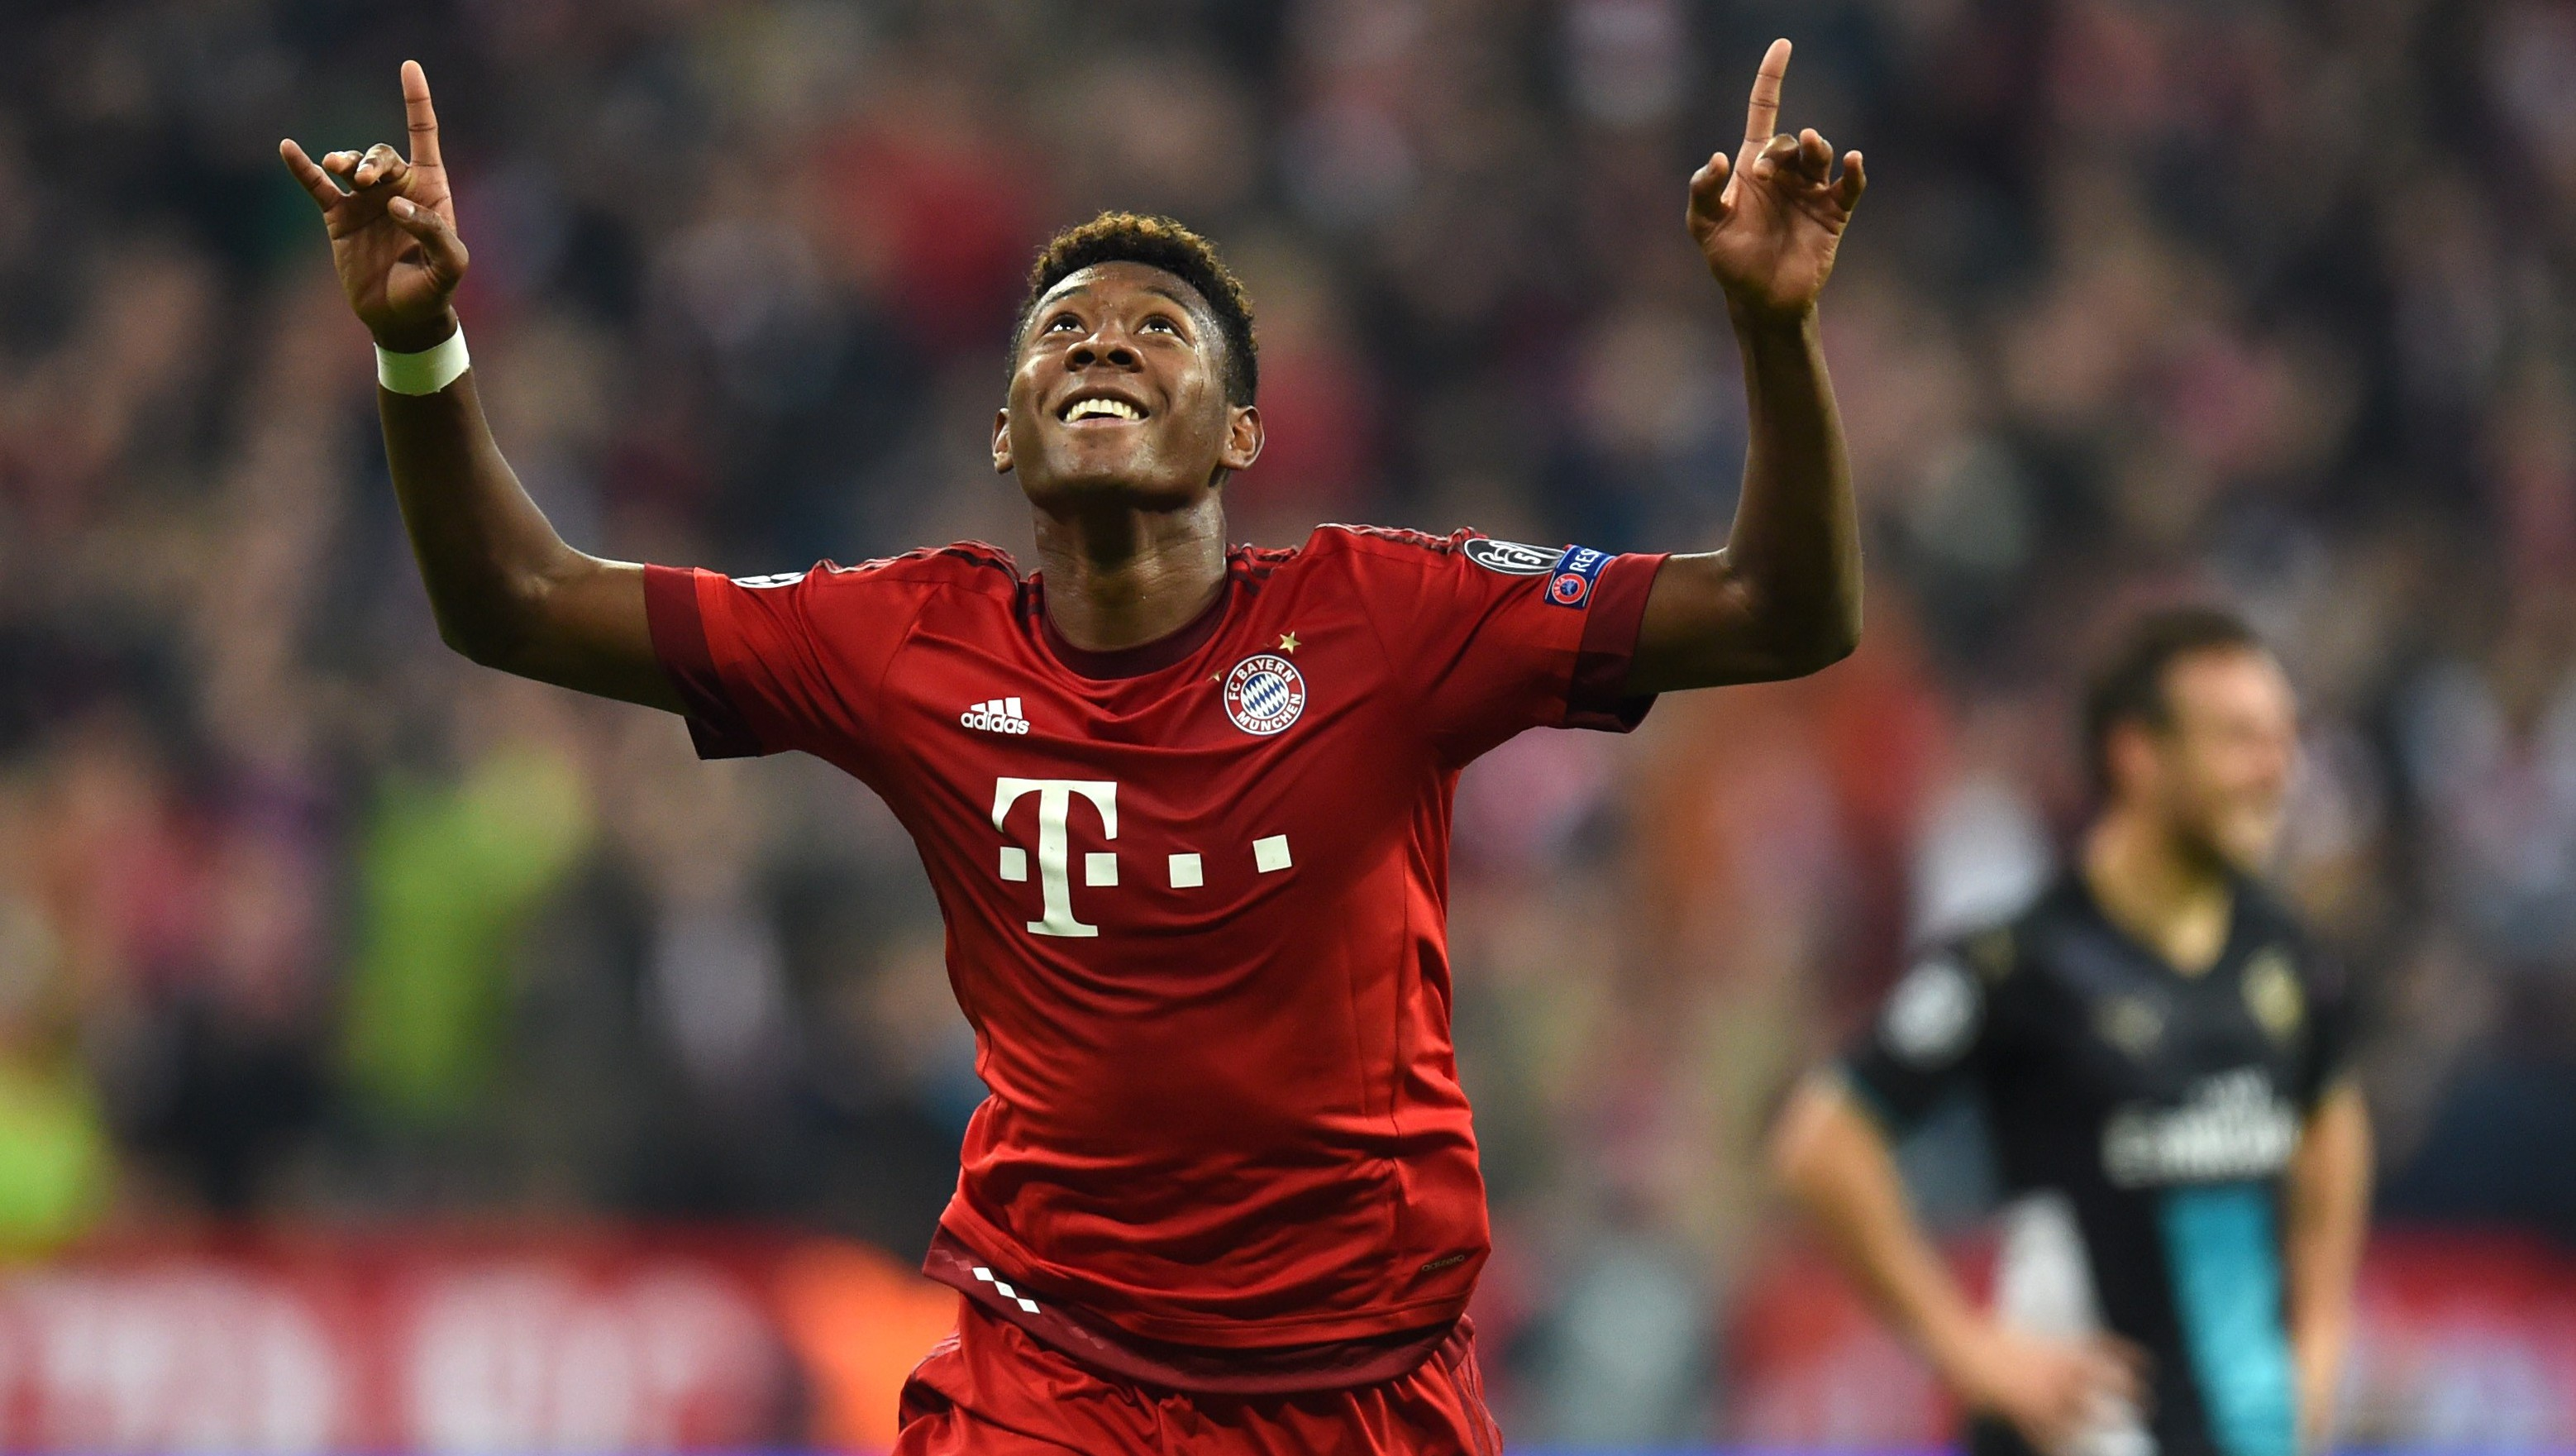 Watch Bayern Munich vs. Stuttgart F.C. Live Stream Online